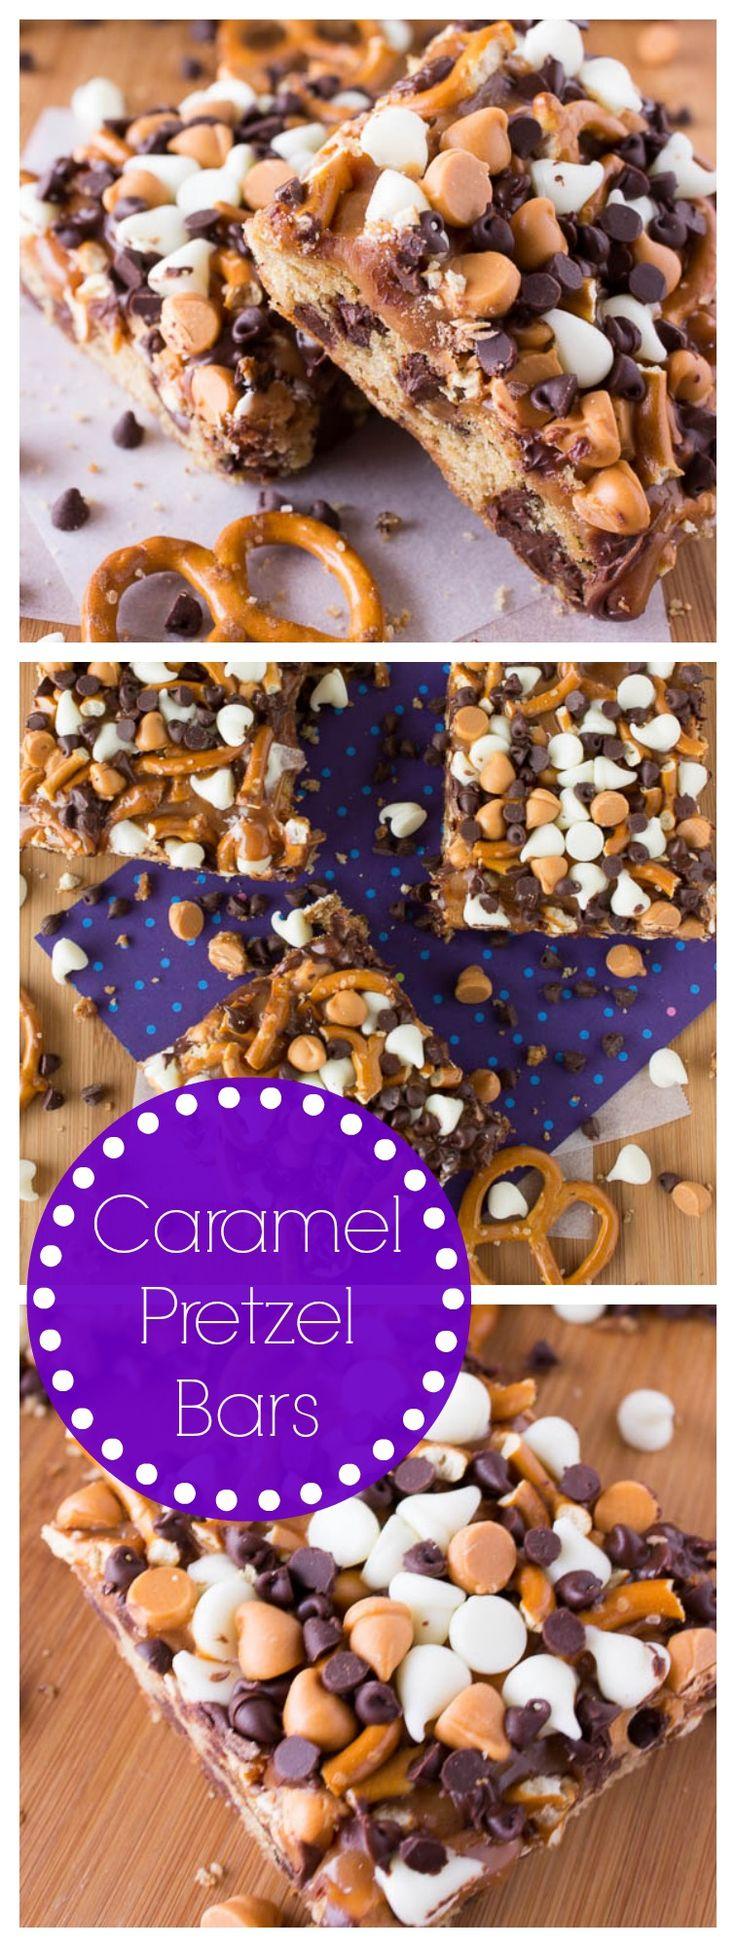 Caramel Pretzel Bars